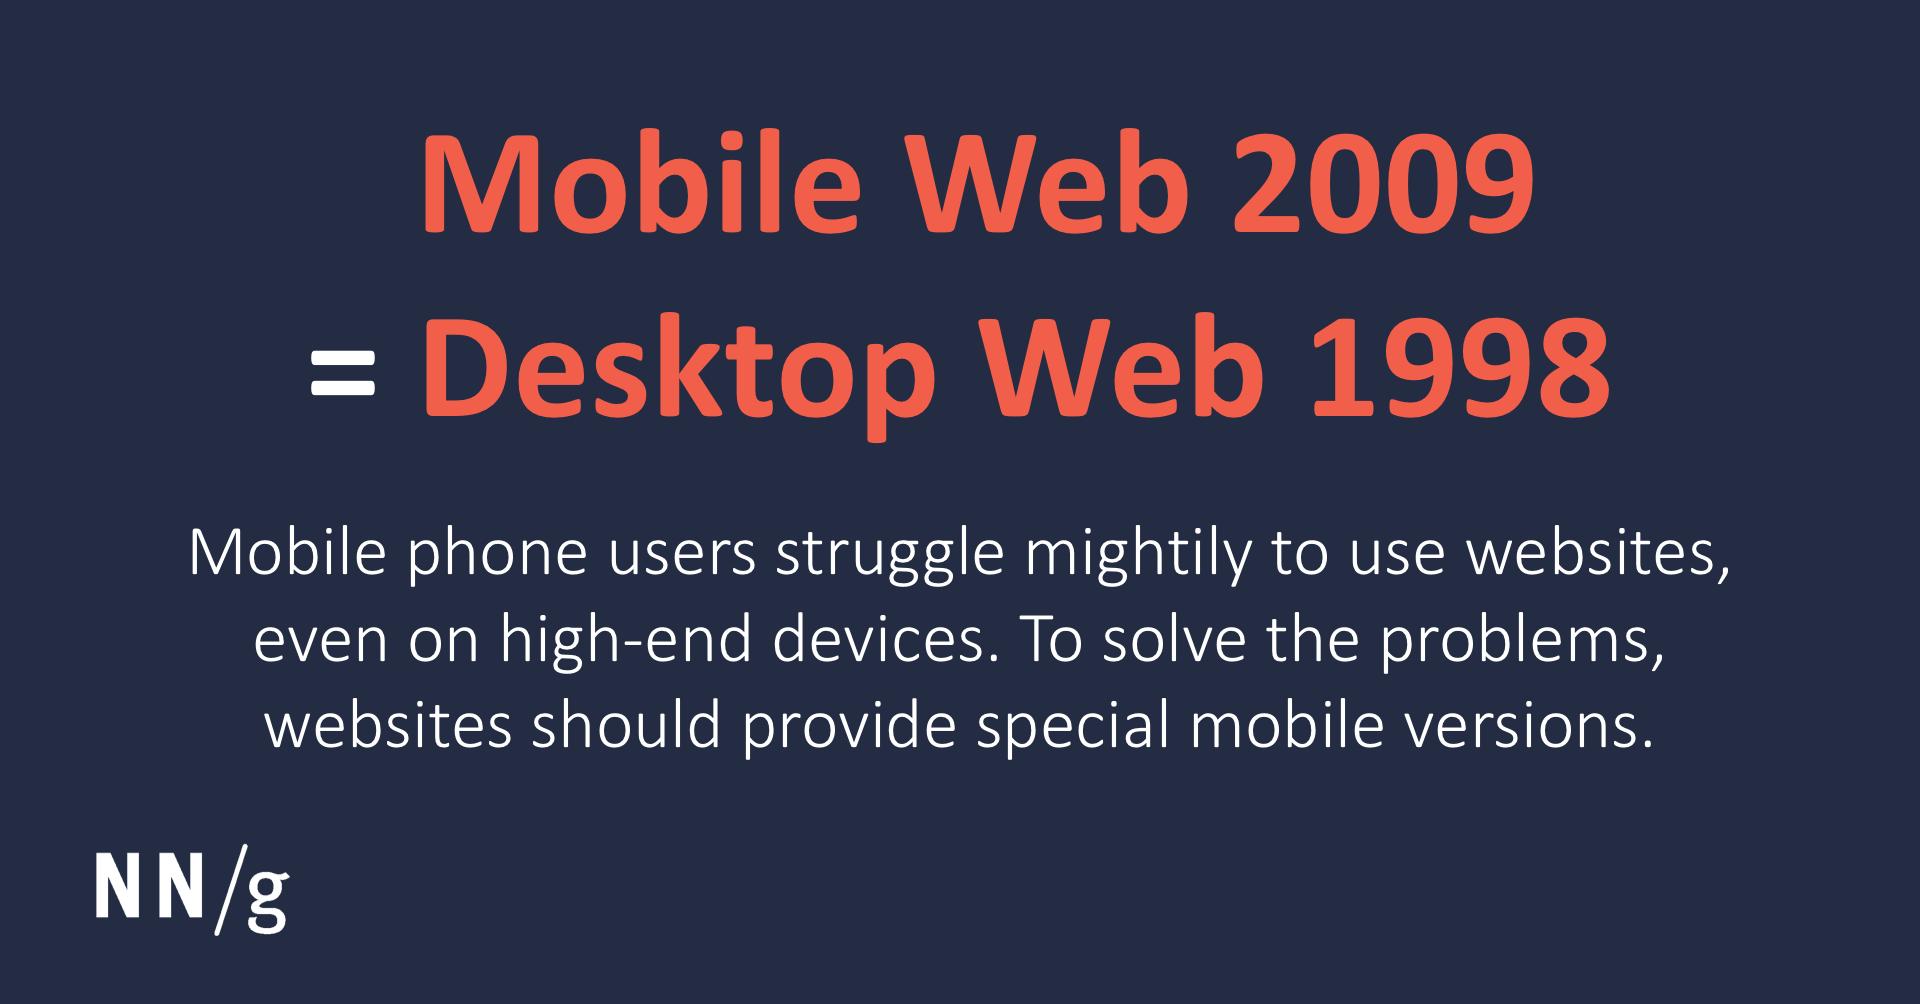 Mobile Web 2009 = Desktop Web 1998